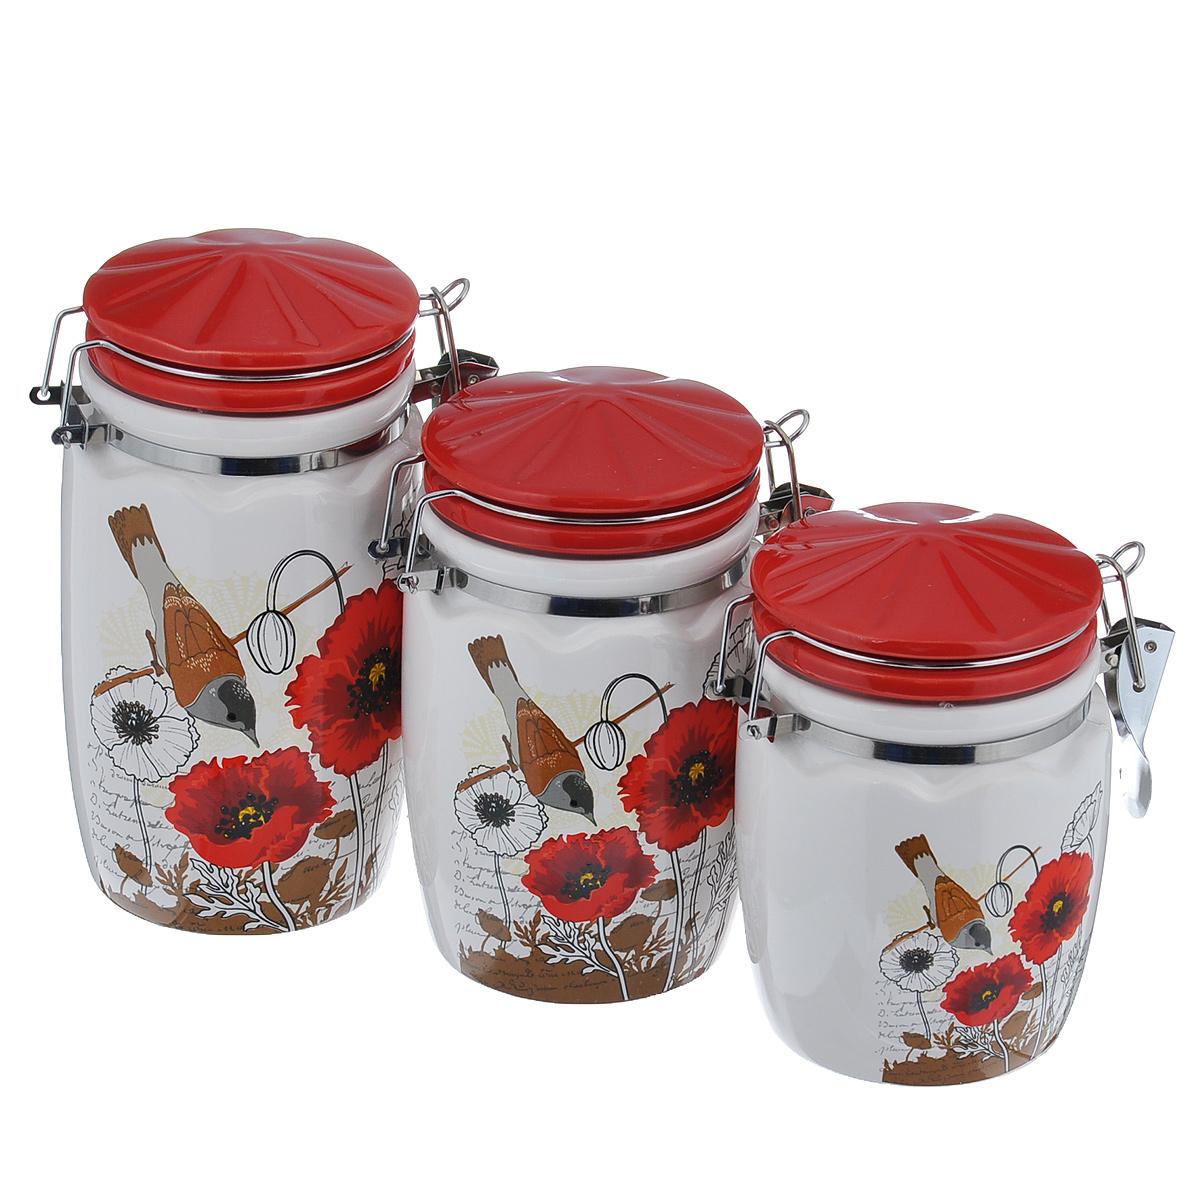 Набор банок для хранения сыпучих продуктов Маки, цвет: красный, 3 штDFC03804/805/806-02253 3/SНабор Маки состоит из трех емкостей для специй разной высоты. Предметы набора изготовлены из доломитовой керамики и декорированы изображением цветов. На каждой банке имеется специальный металлический фиксатор, благодаря которому емкость будет всегда надежно закрыта. Оригинальный дизайн, эстетичность и функциональность набора позволят ему стать достойным дополнением к кухонному инвентарю. Можно мыть в посудомоечной машине на минимальной температуре. Высота емкостей (без учета крышки): 16 см, 13 см, 11 см. Диаметр основания емкостей: 8 см.